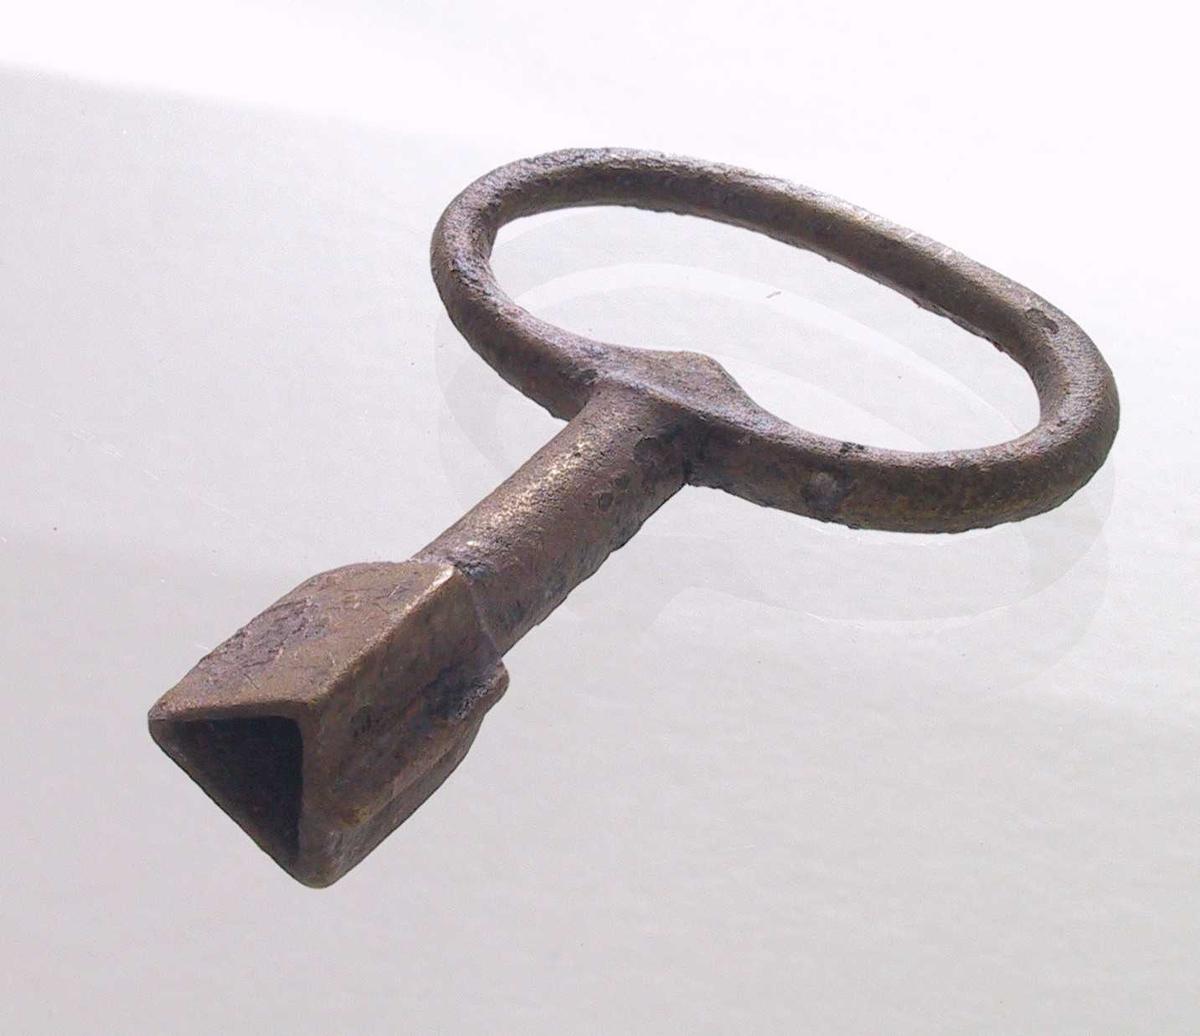 """Urnøkkel   """"Fredensborg""""  Oval  ring   2,2 x 2,8.  Oval ring på rund stang som ender  i trekantet nøkkelhull.  Tilstand: god."""